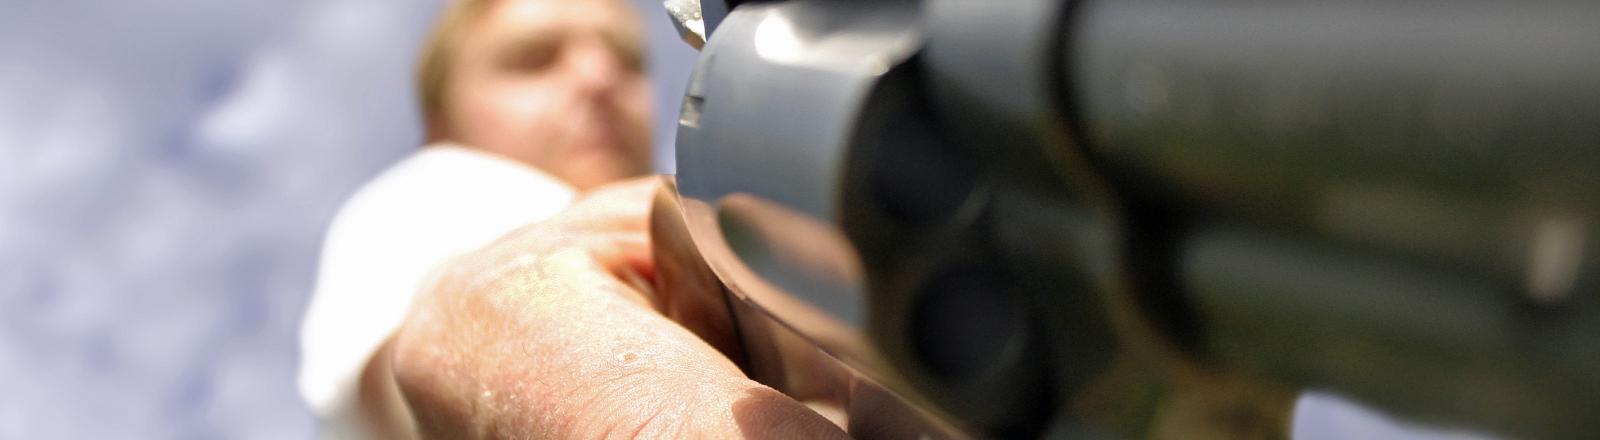 Ein Mann hält einen Revolver drohend in der Hand.